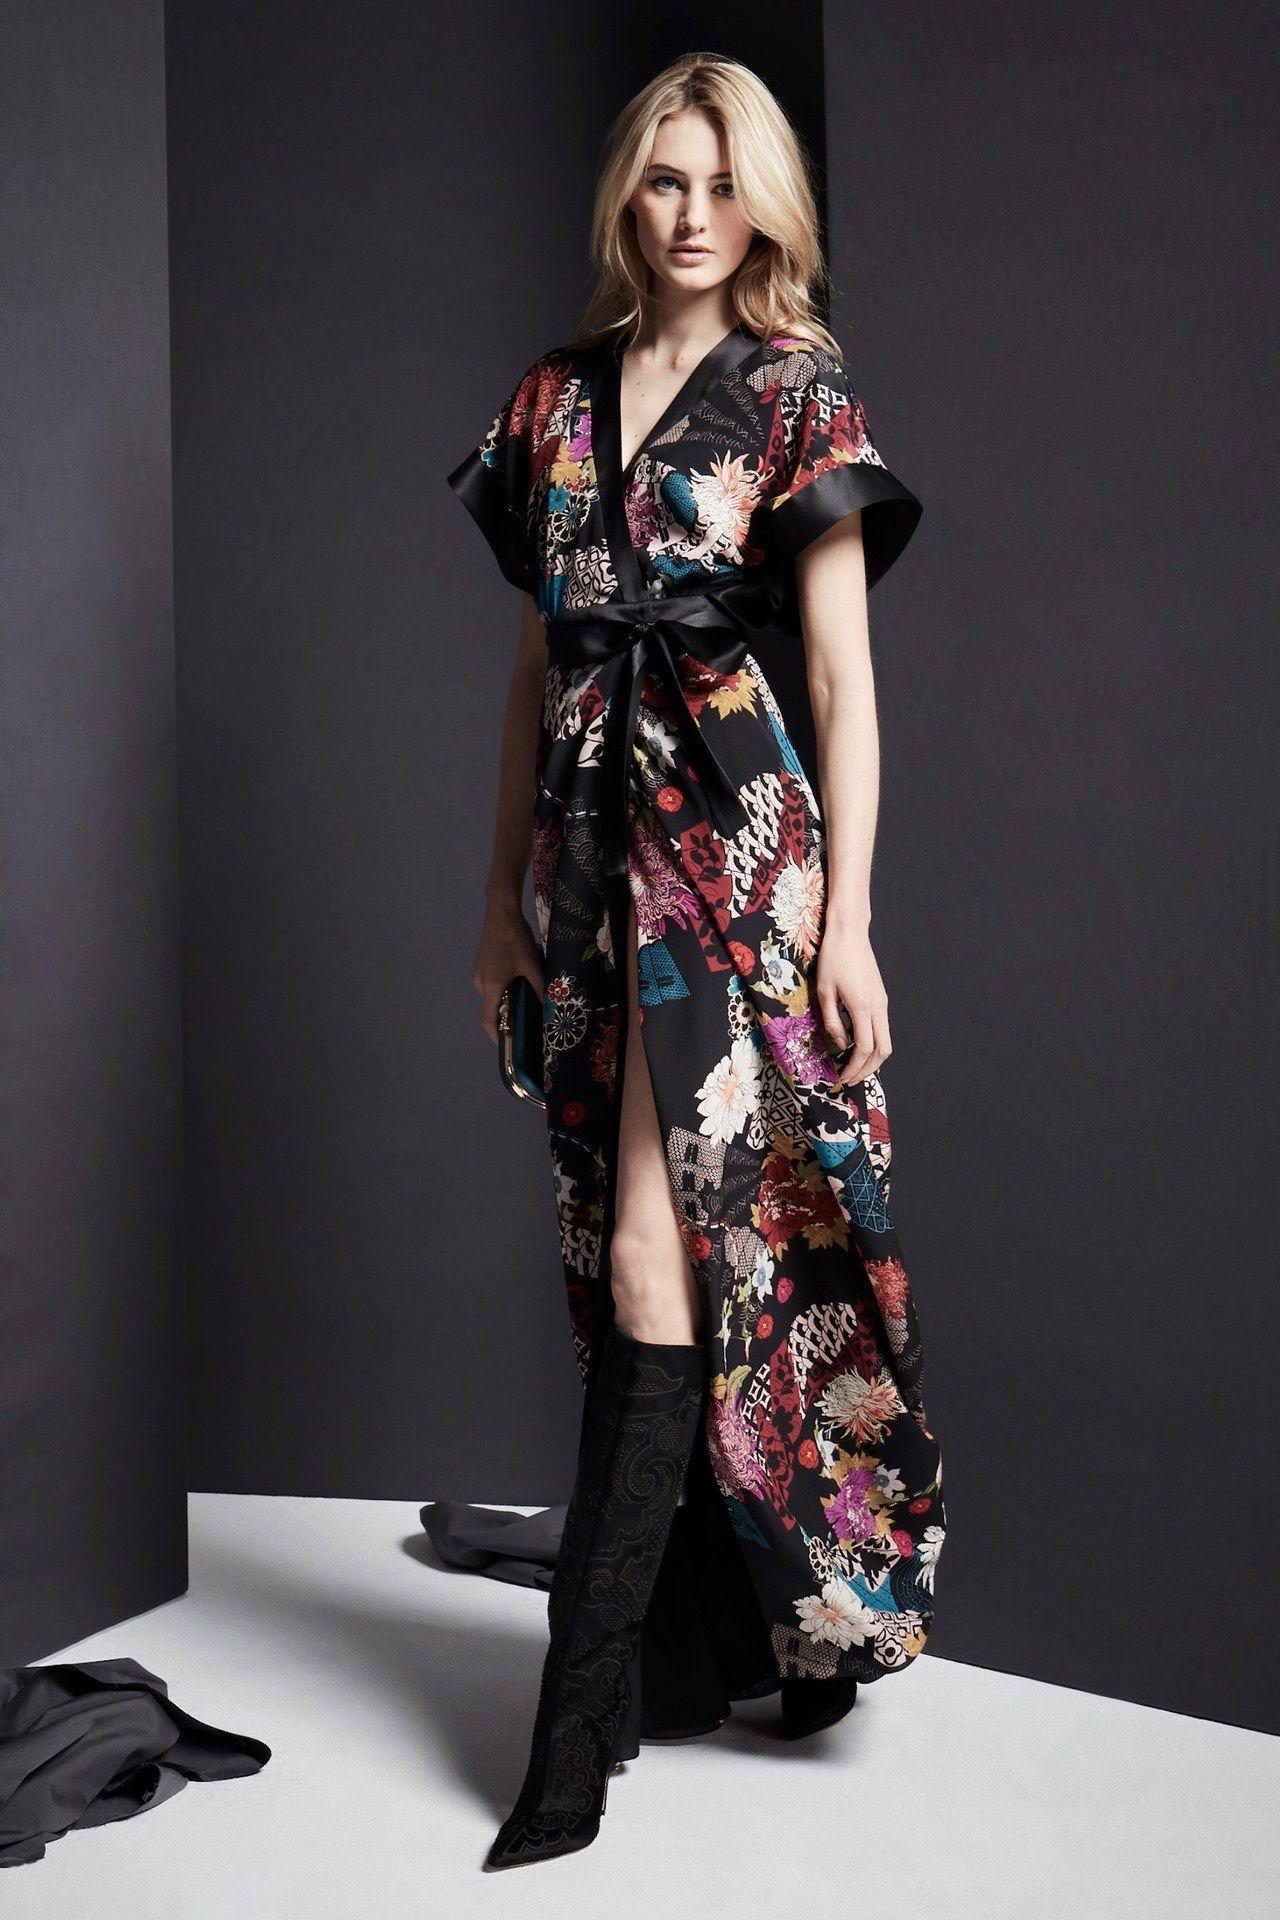 Zuhair Murad Herbst/Winter 4-4 Ready-to-Wear - Kollektion